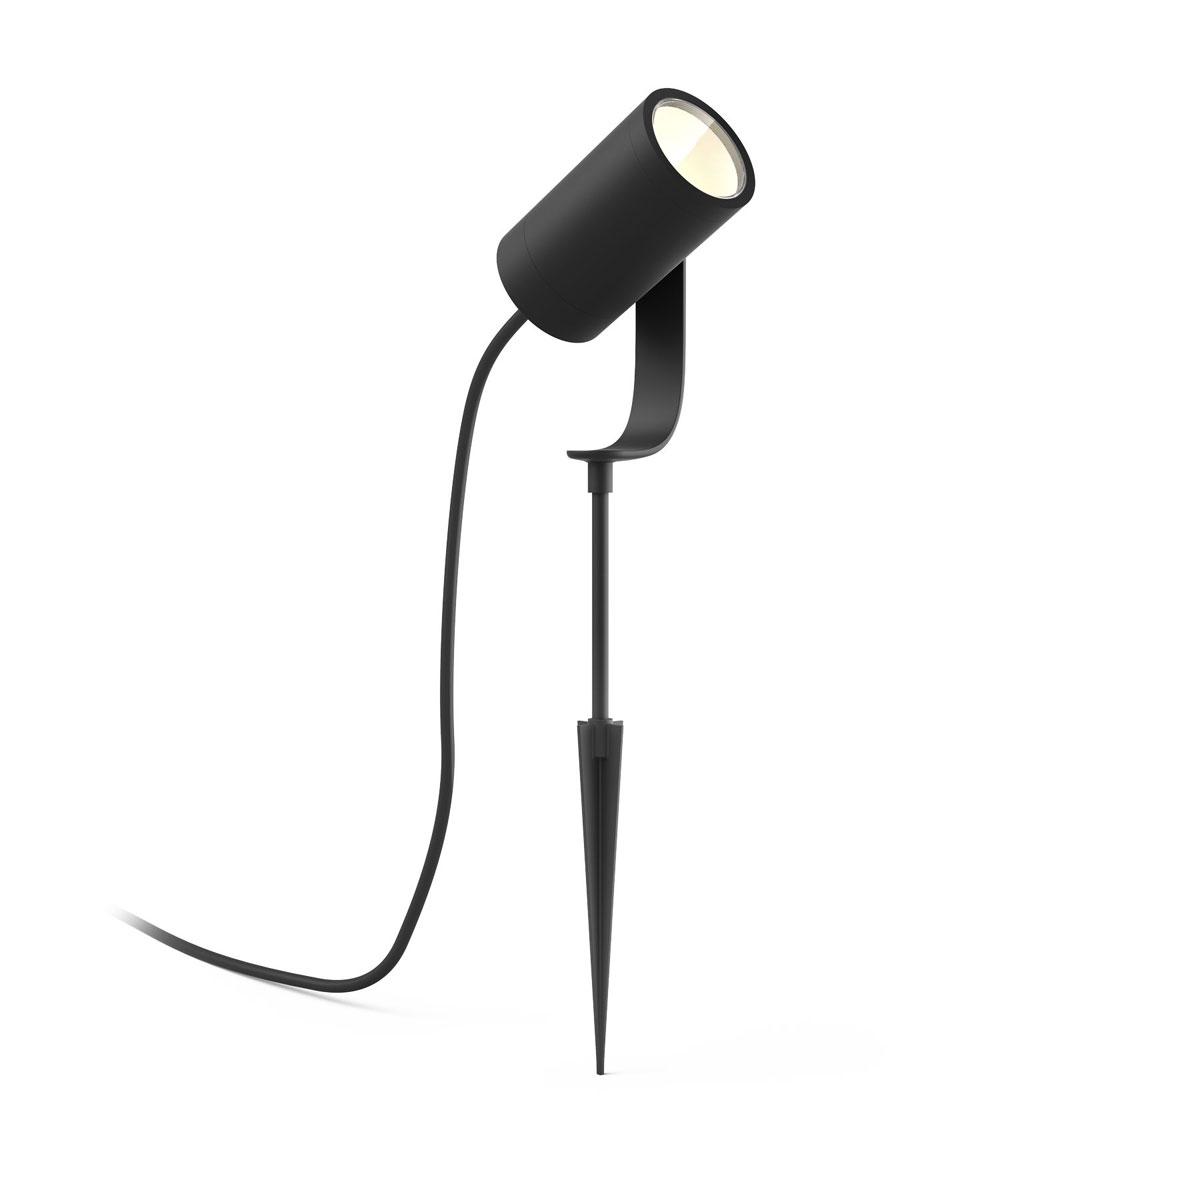 """Philips Hue LED-Außenleuchte """"Lily"""", 19,4x8,4x7cm, schwarz"""